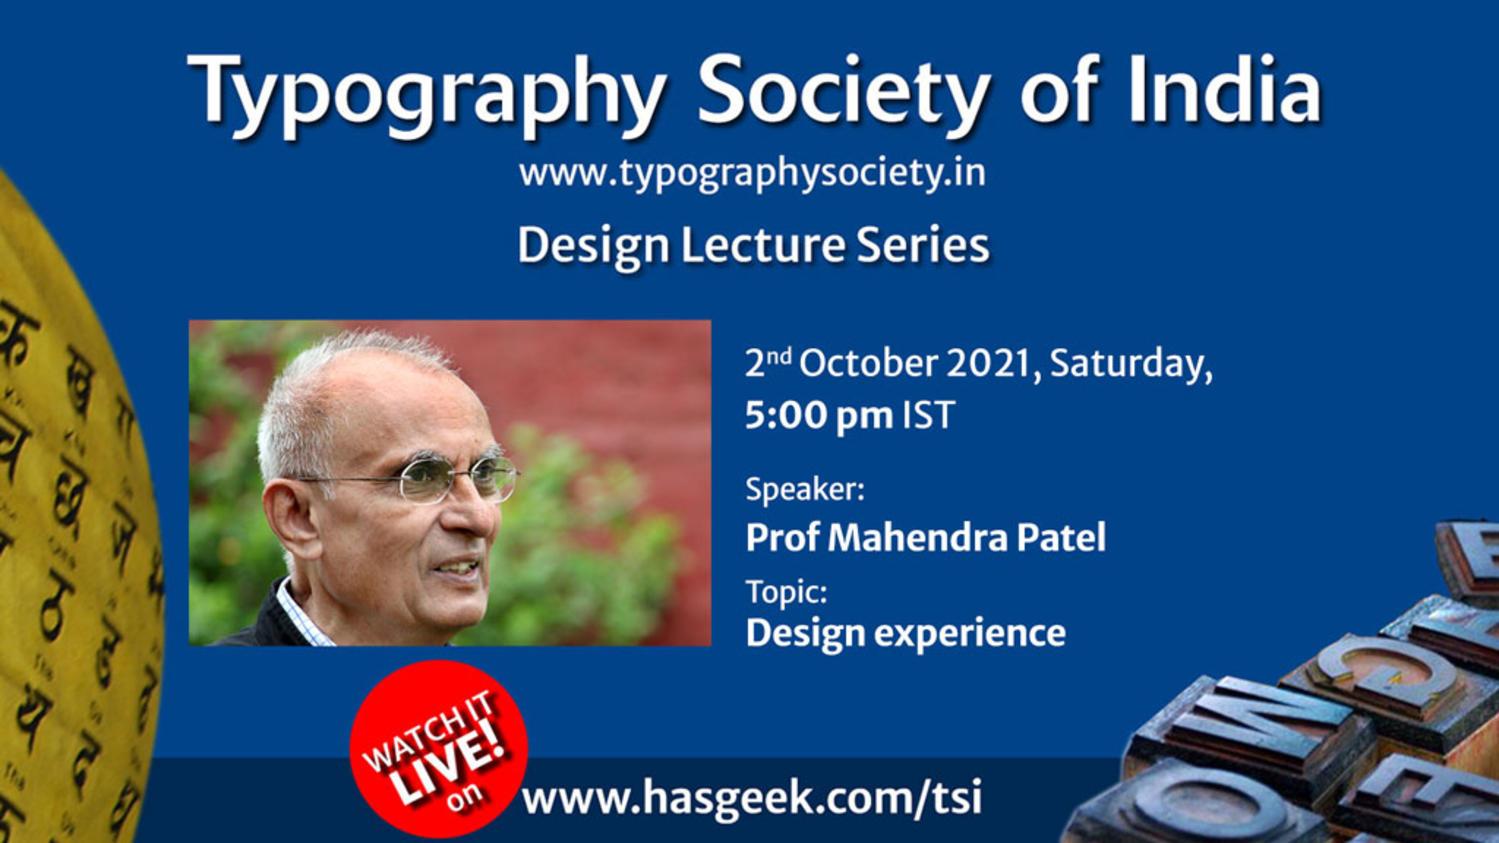 Talk by Prof Mahendra Patel